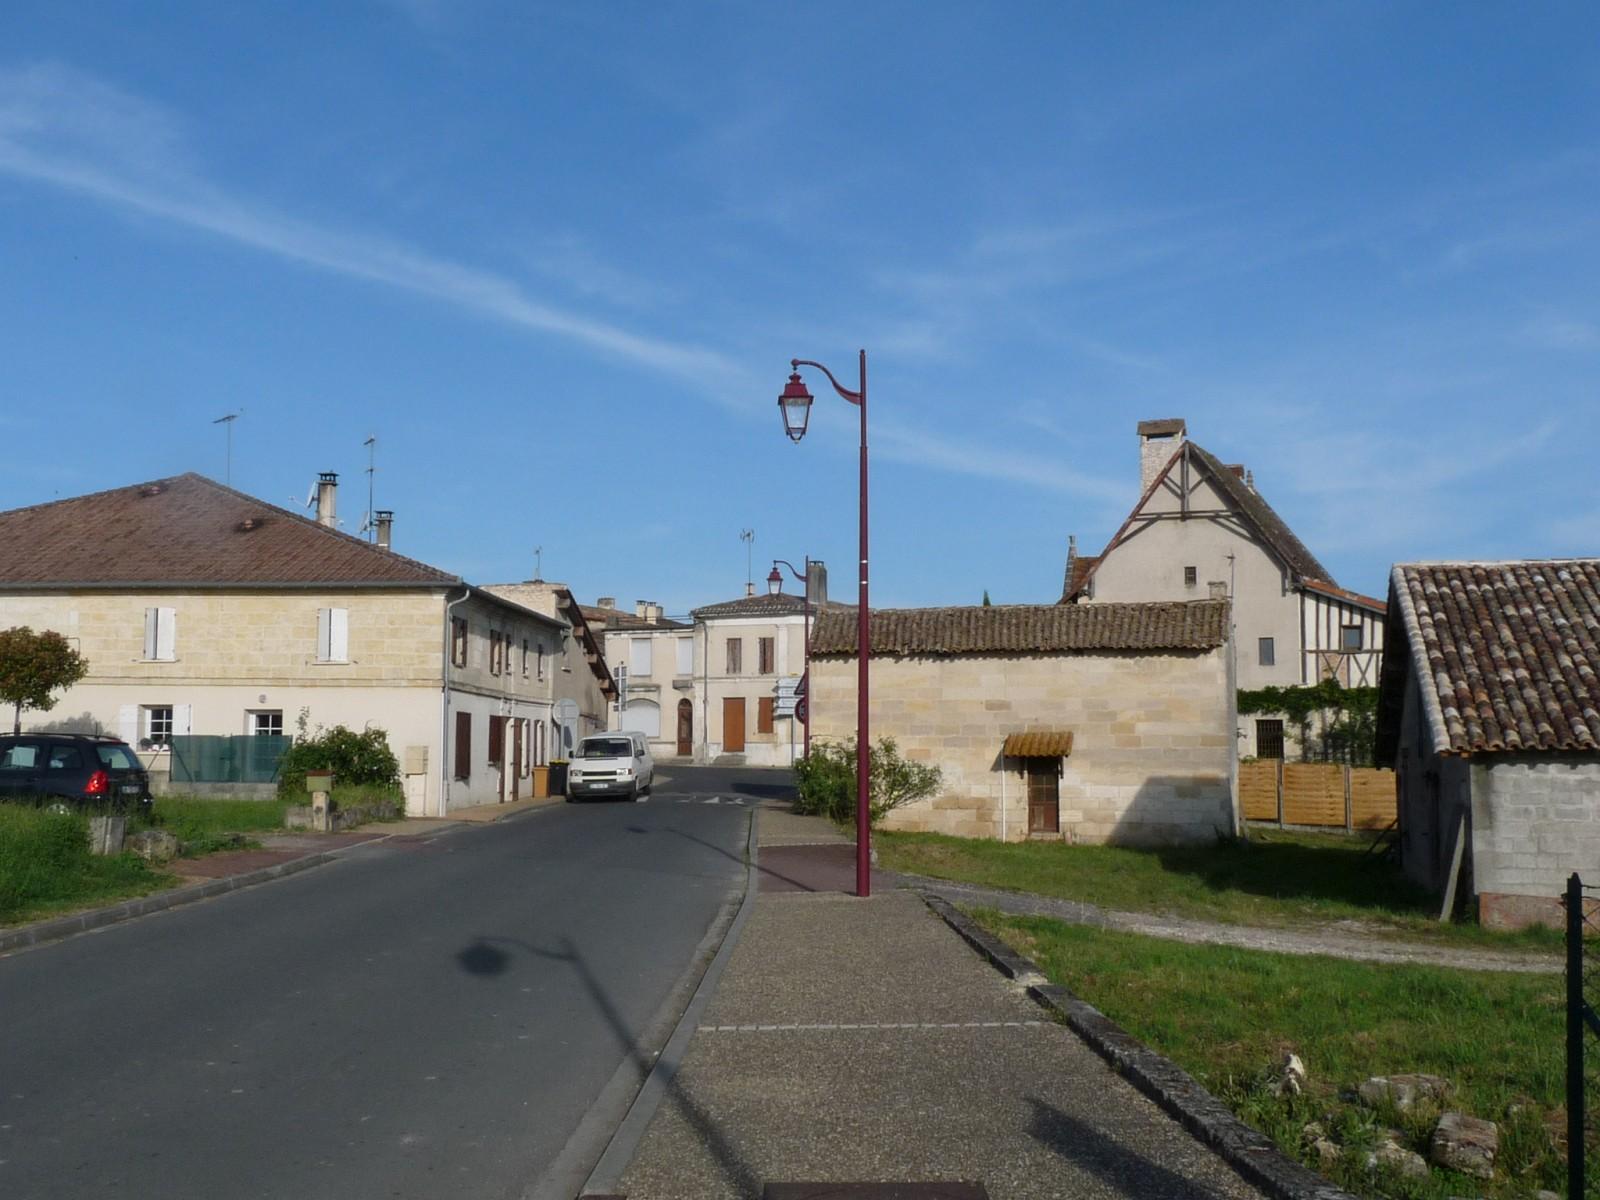 Saint-Christophe-de-Double